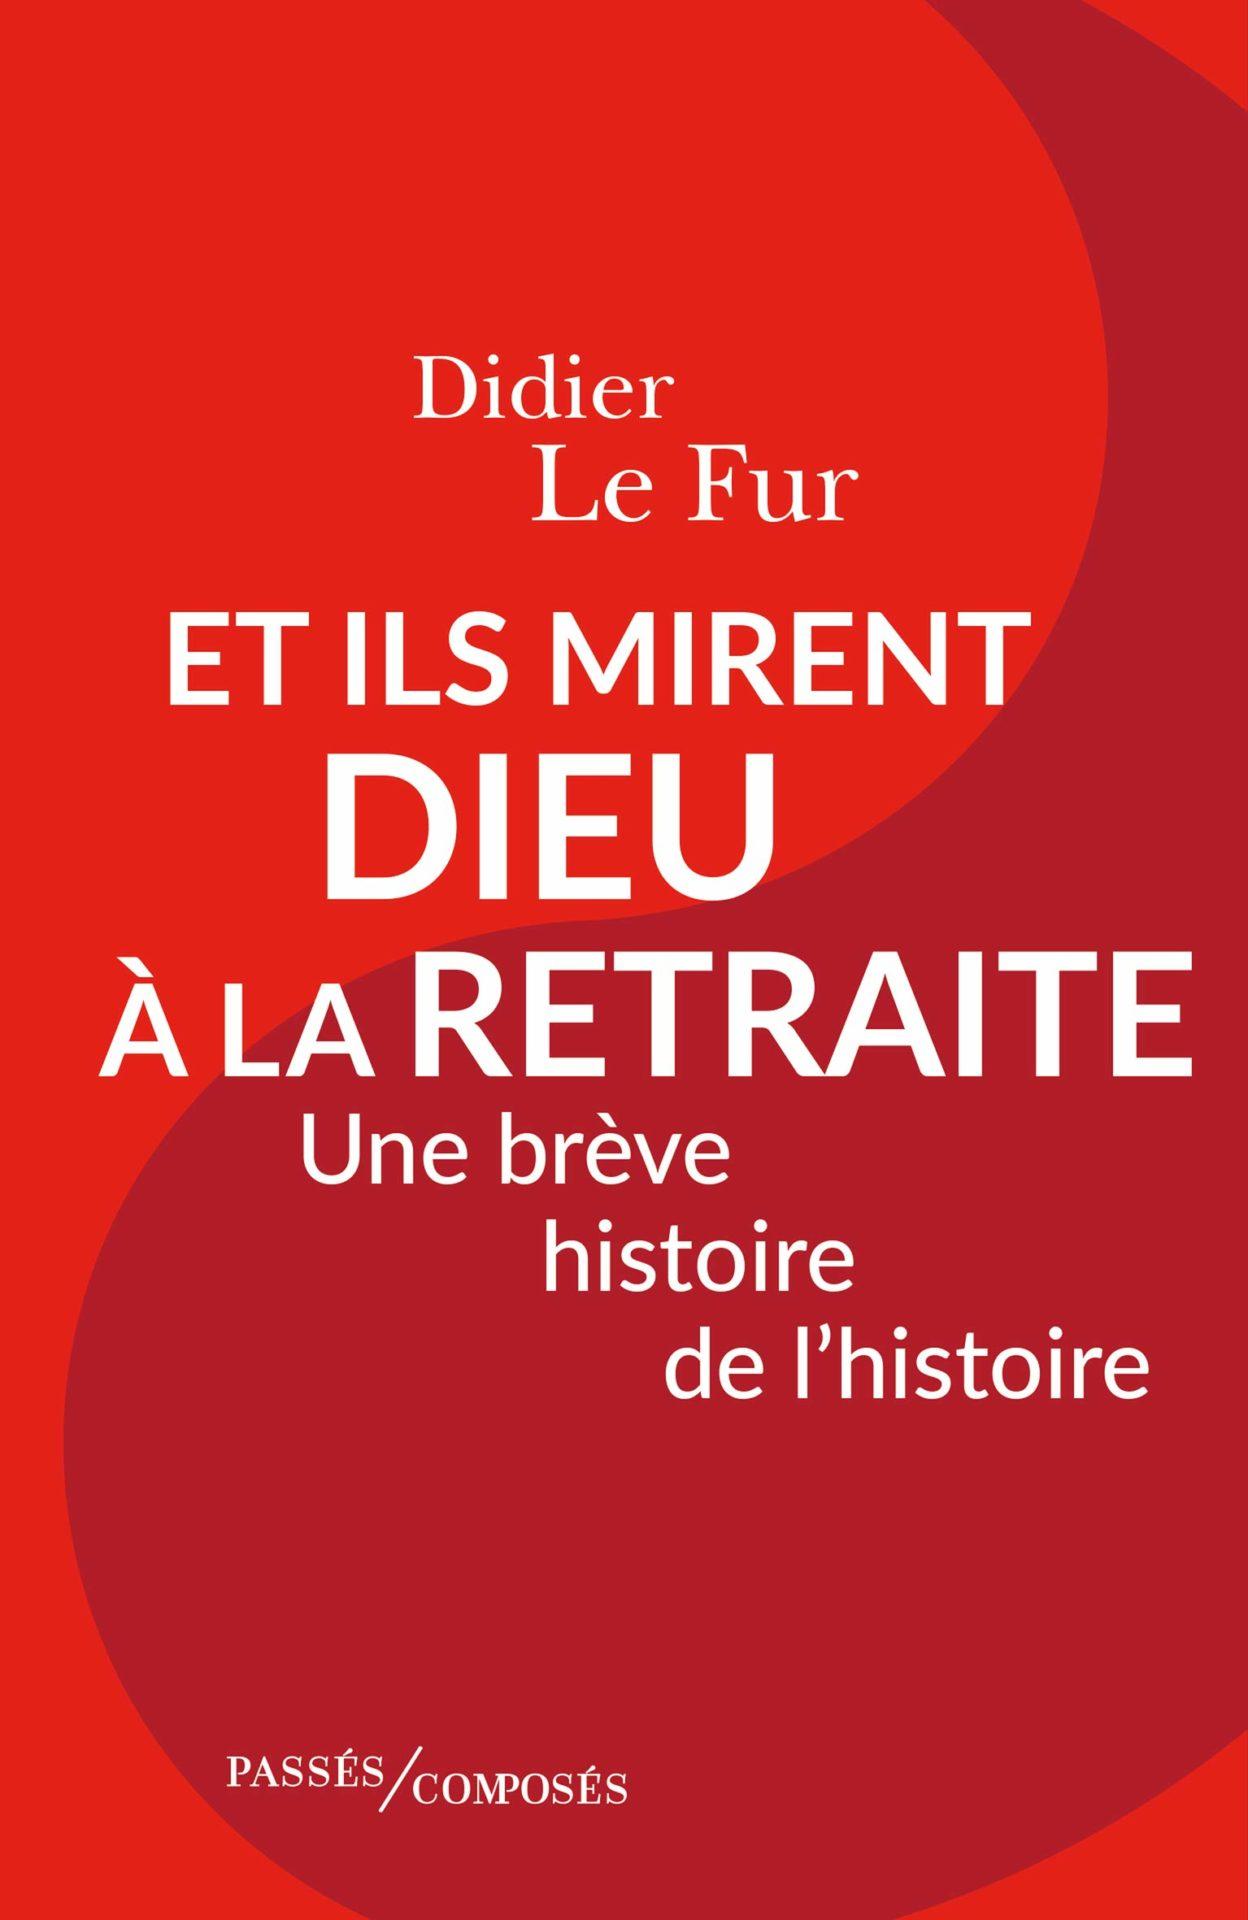 Didier Le Fur, Une brève histoire de l'histoire (Ed. Passés Composés).